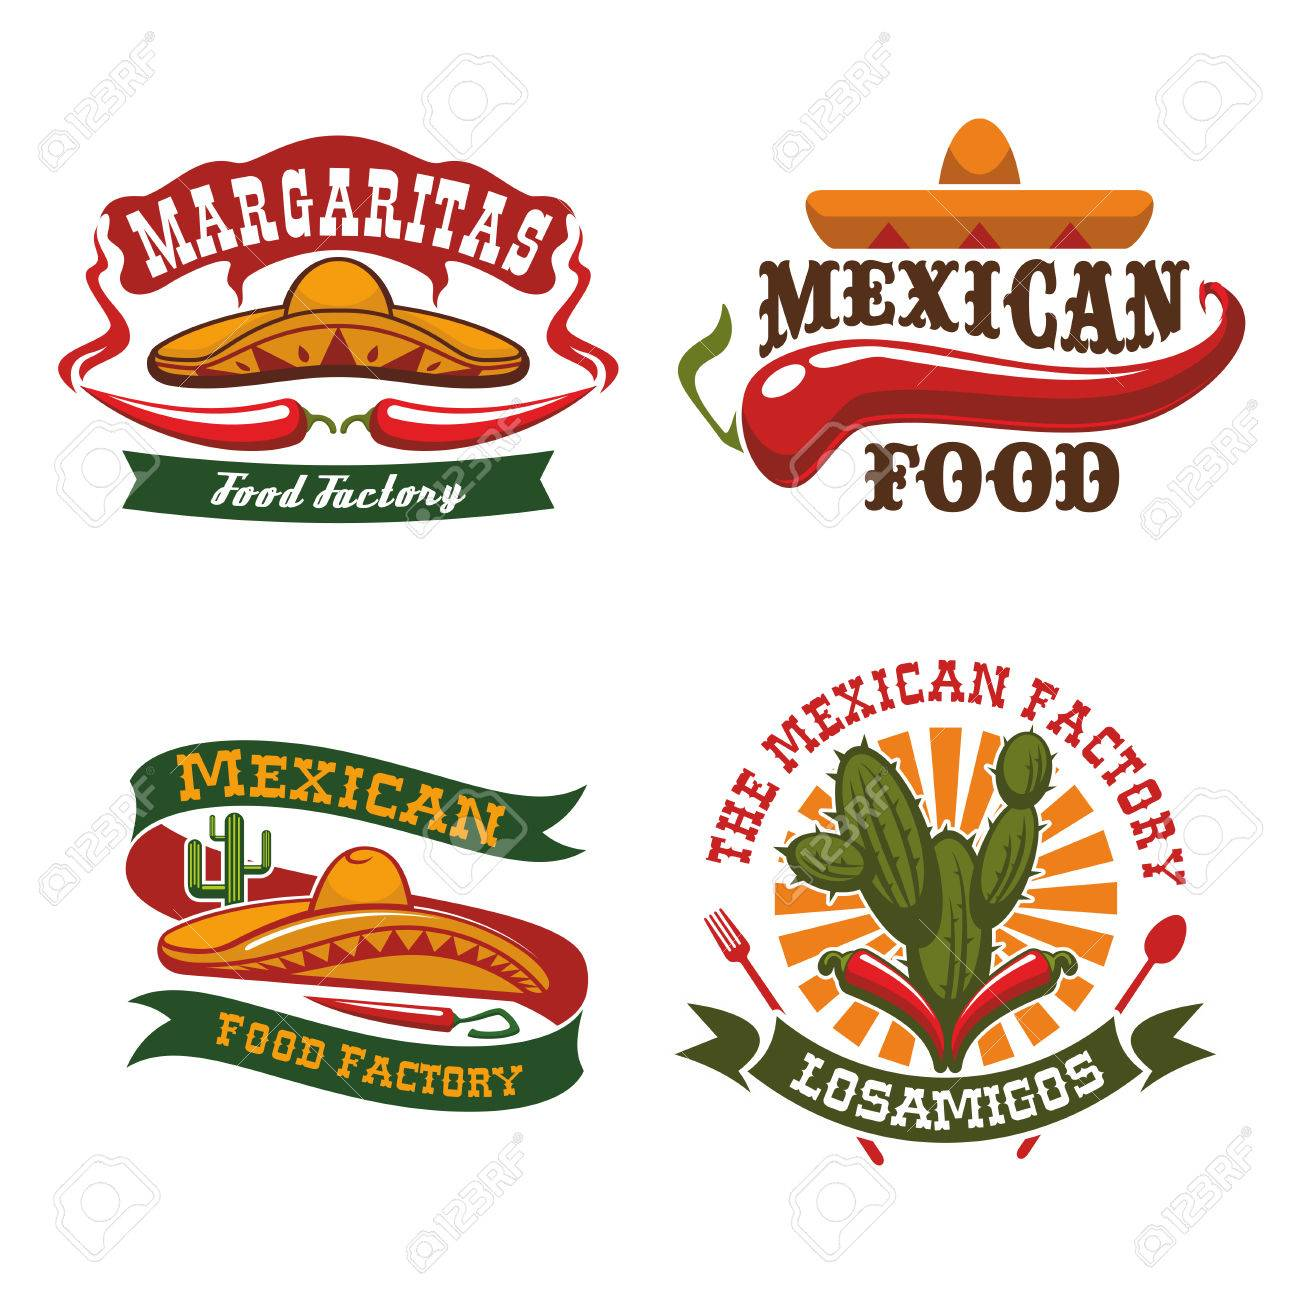 21d2c4f75d4ac Foto de archivo - Iconos de cocina mexicana sombrero de sombrero